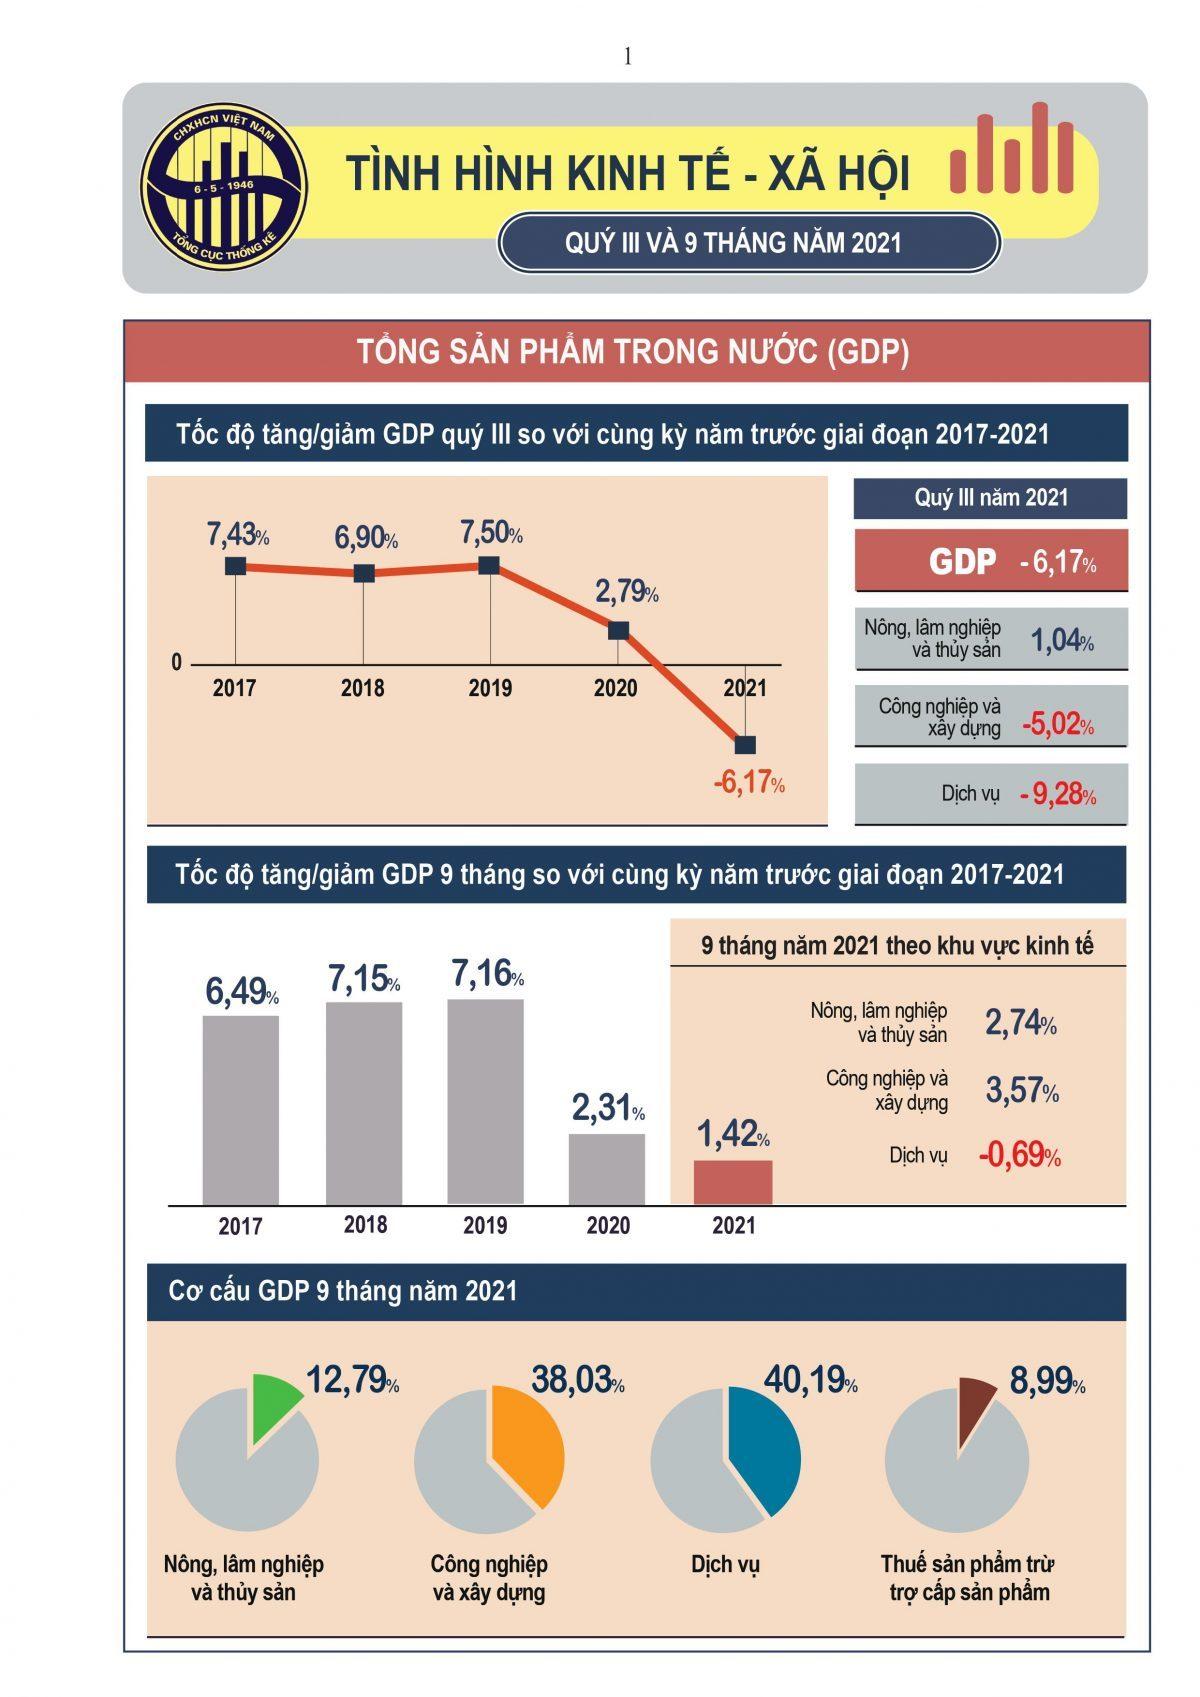 Chưa từng có: GDP Quý III/2021 âm 6,17%